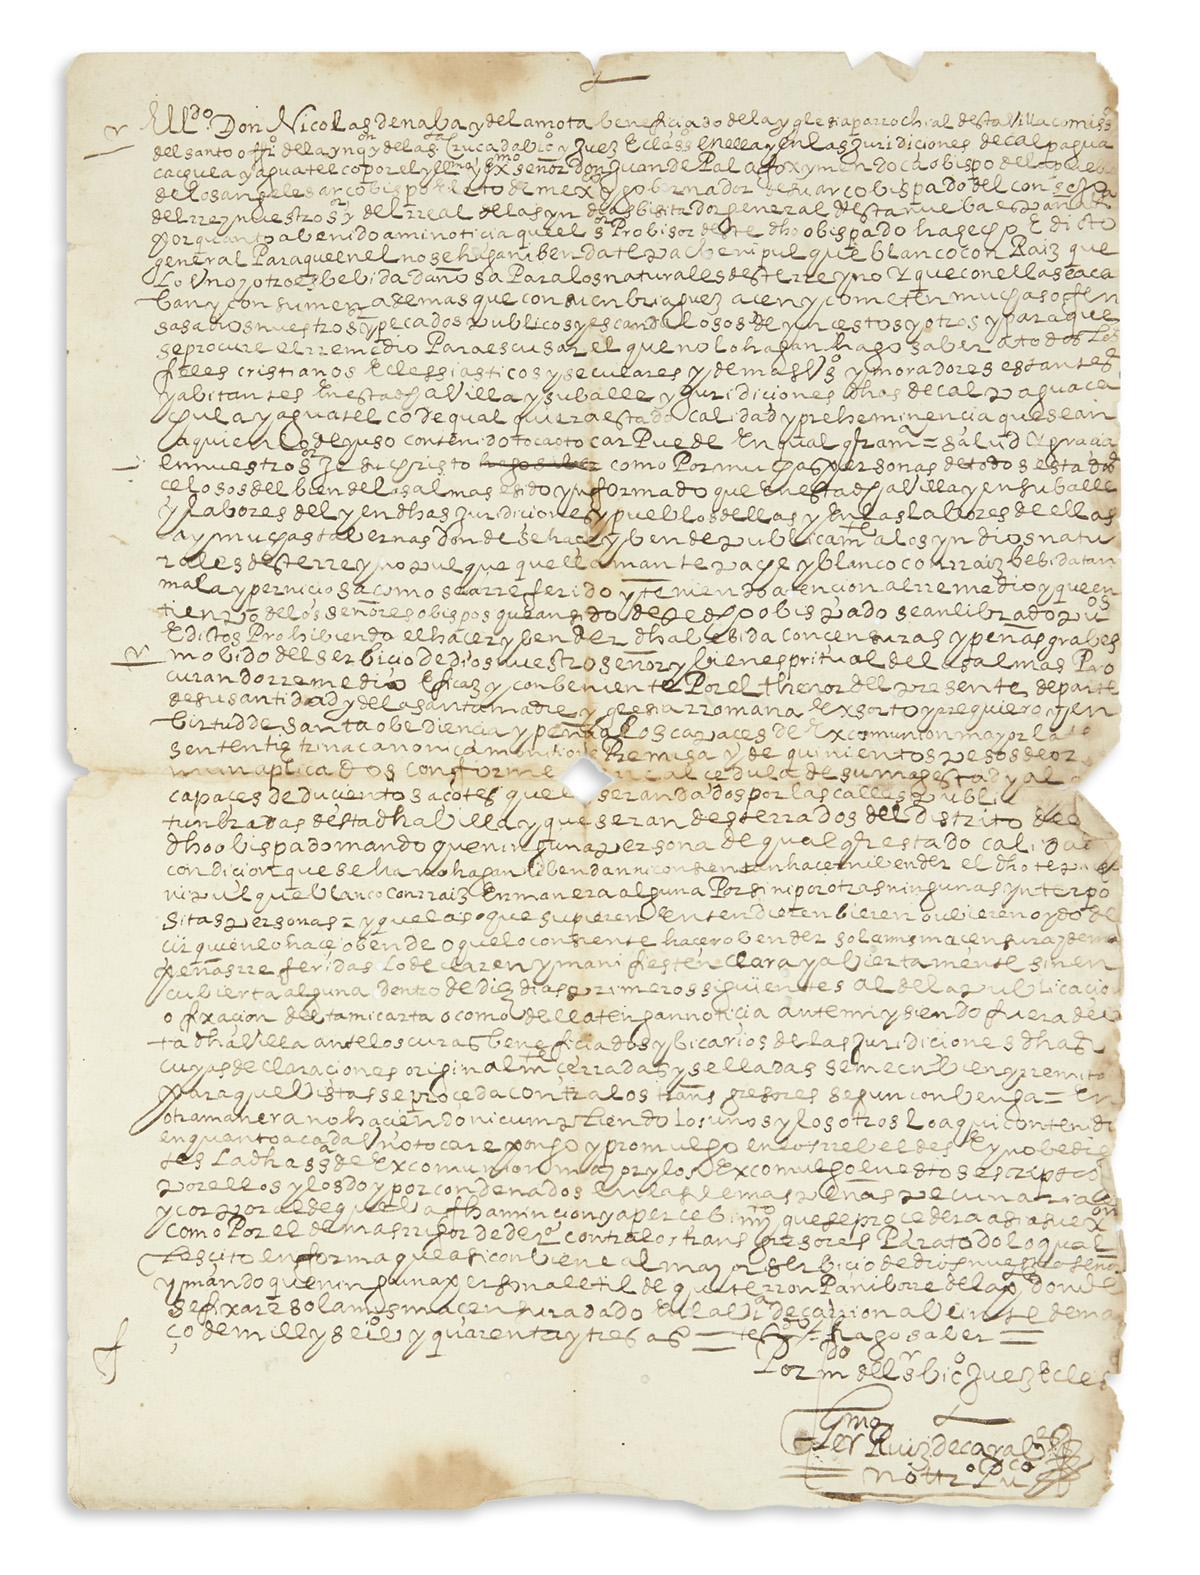 (MEXICAN MANUSCRIPTS.) Nava y de la Mota, Nicolás de. Edict against the drinking and production of alcohol by Indians in Puebla.